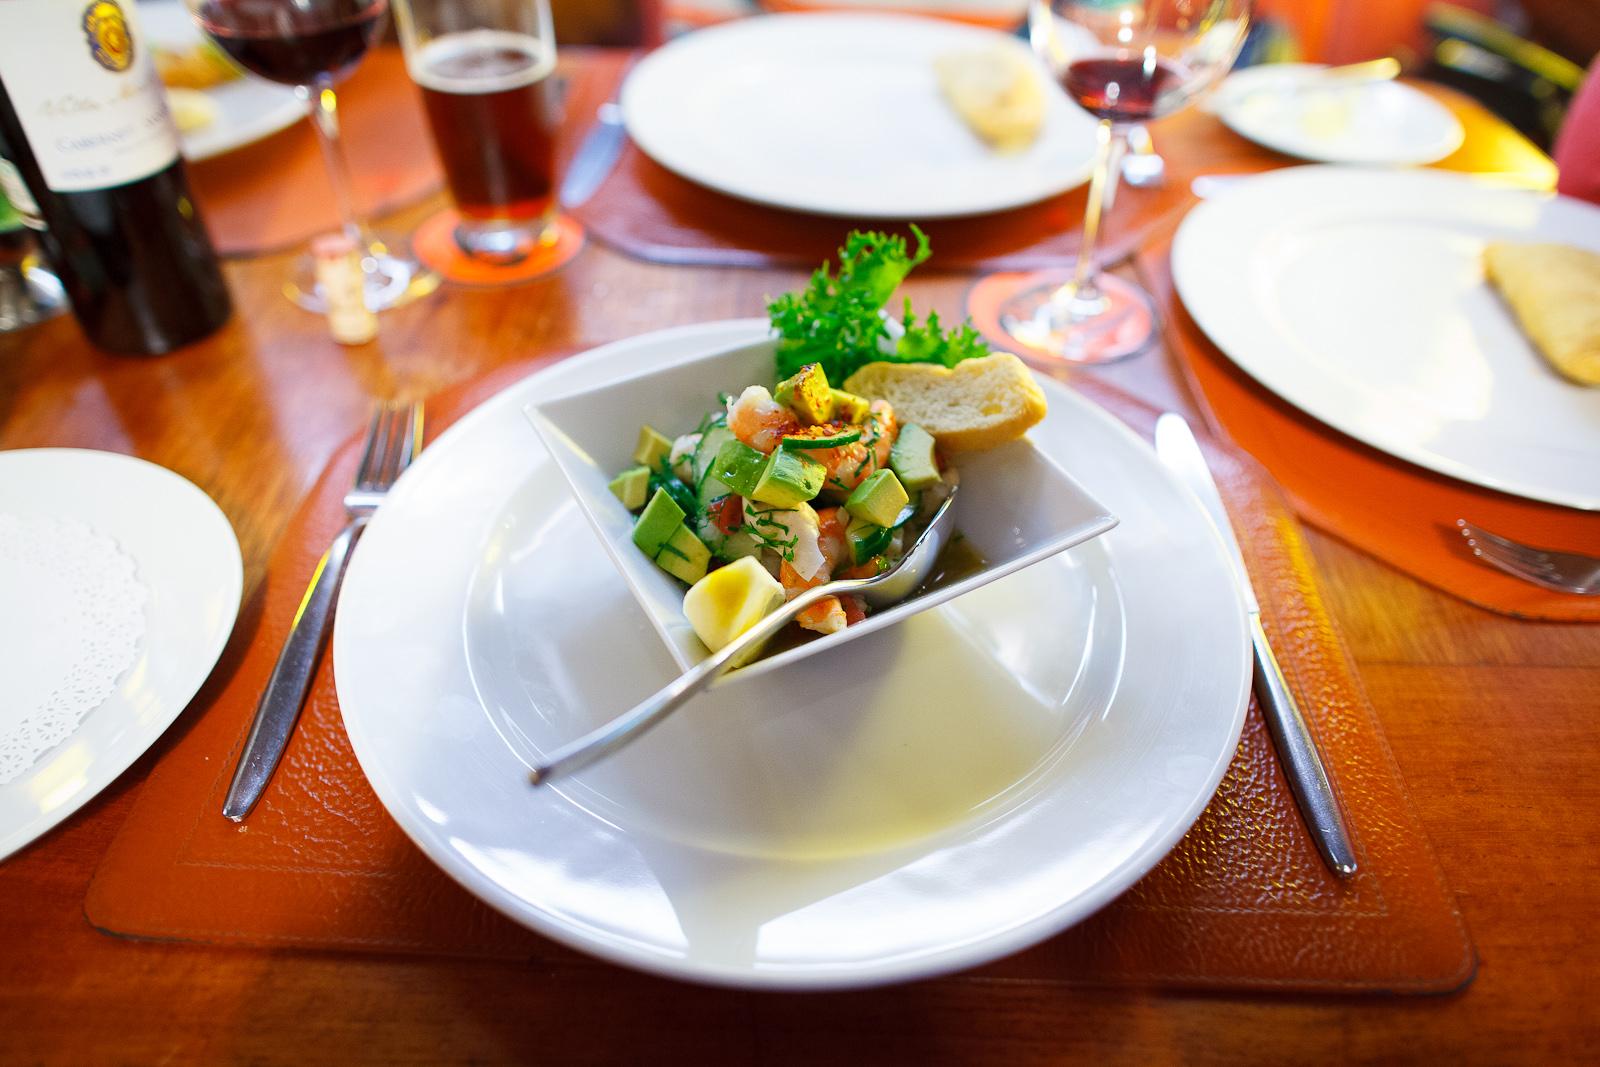 Ceviche of scallops, shrimp, and white fish